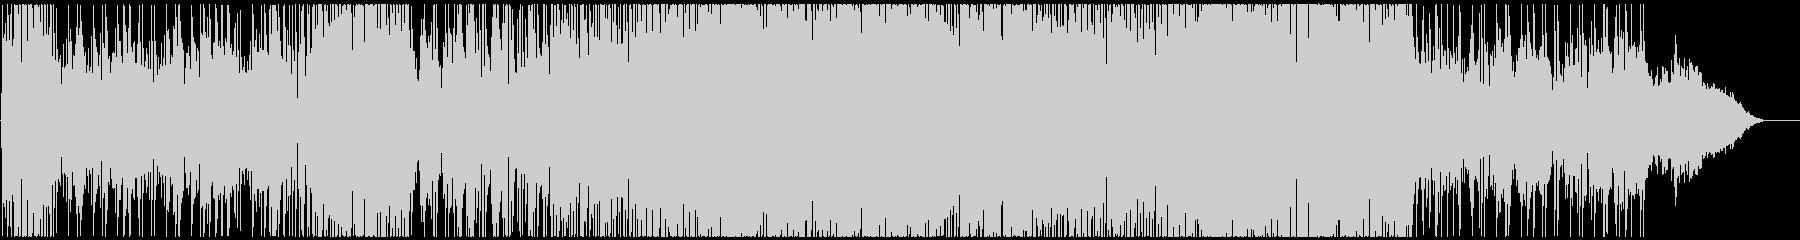 サックスが映えるポップス 疾走感・明るいの未再生の波形